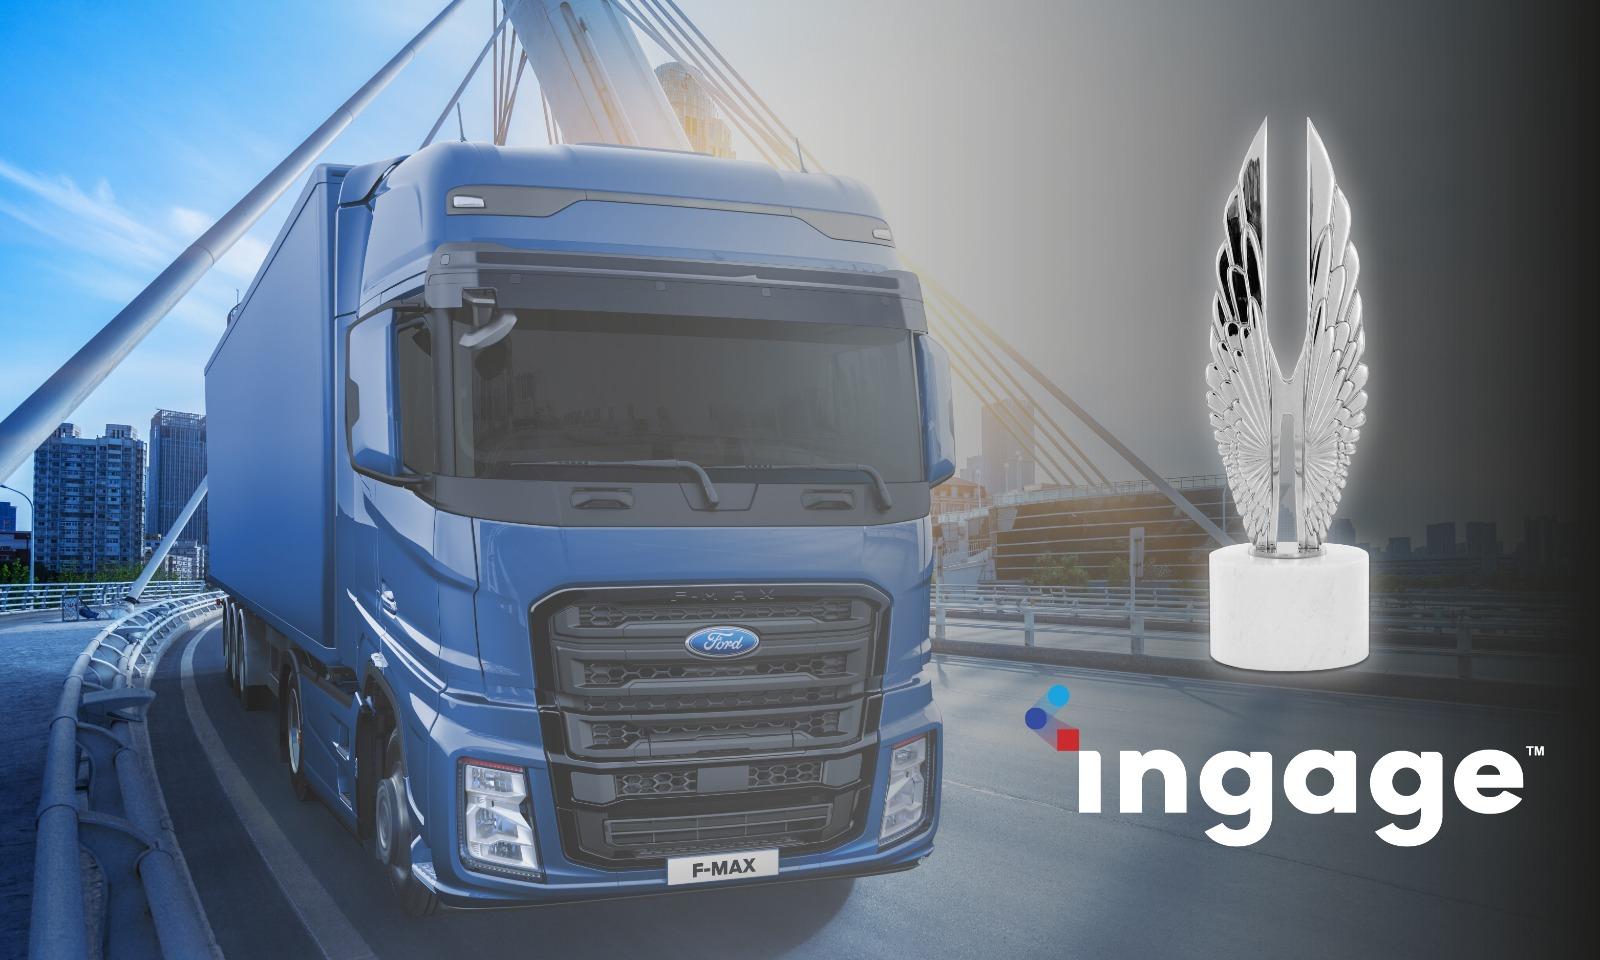 Ingage ve Ford Trucks'a uluslararası büyük ödül!